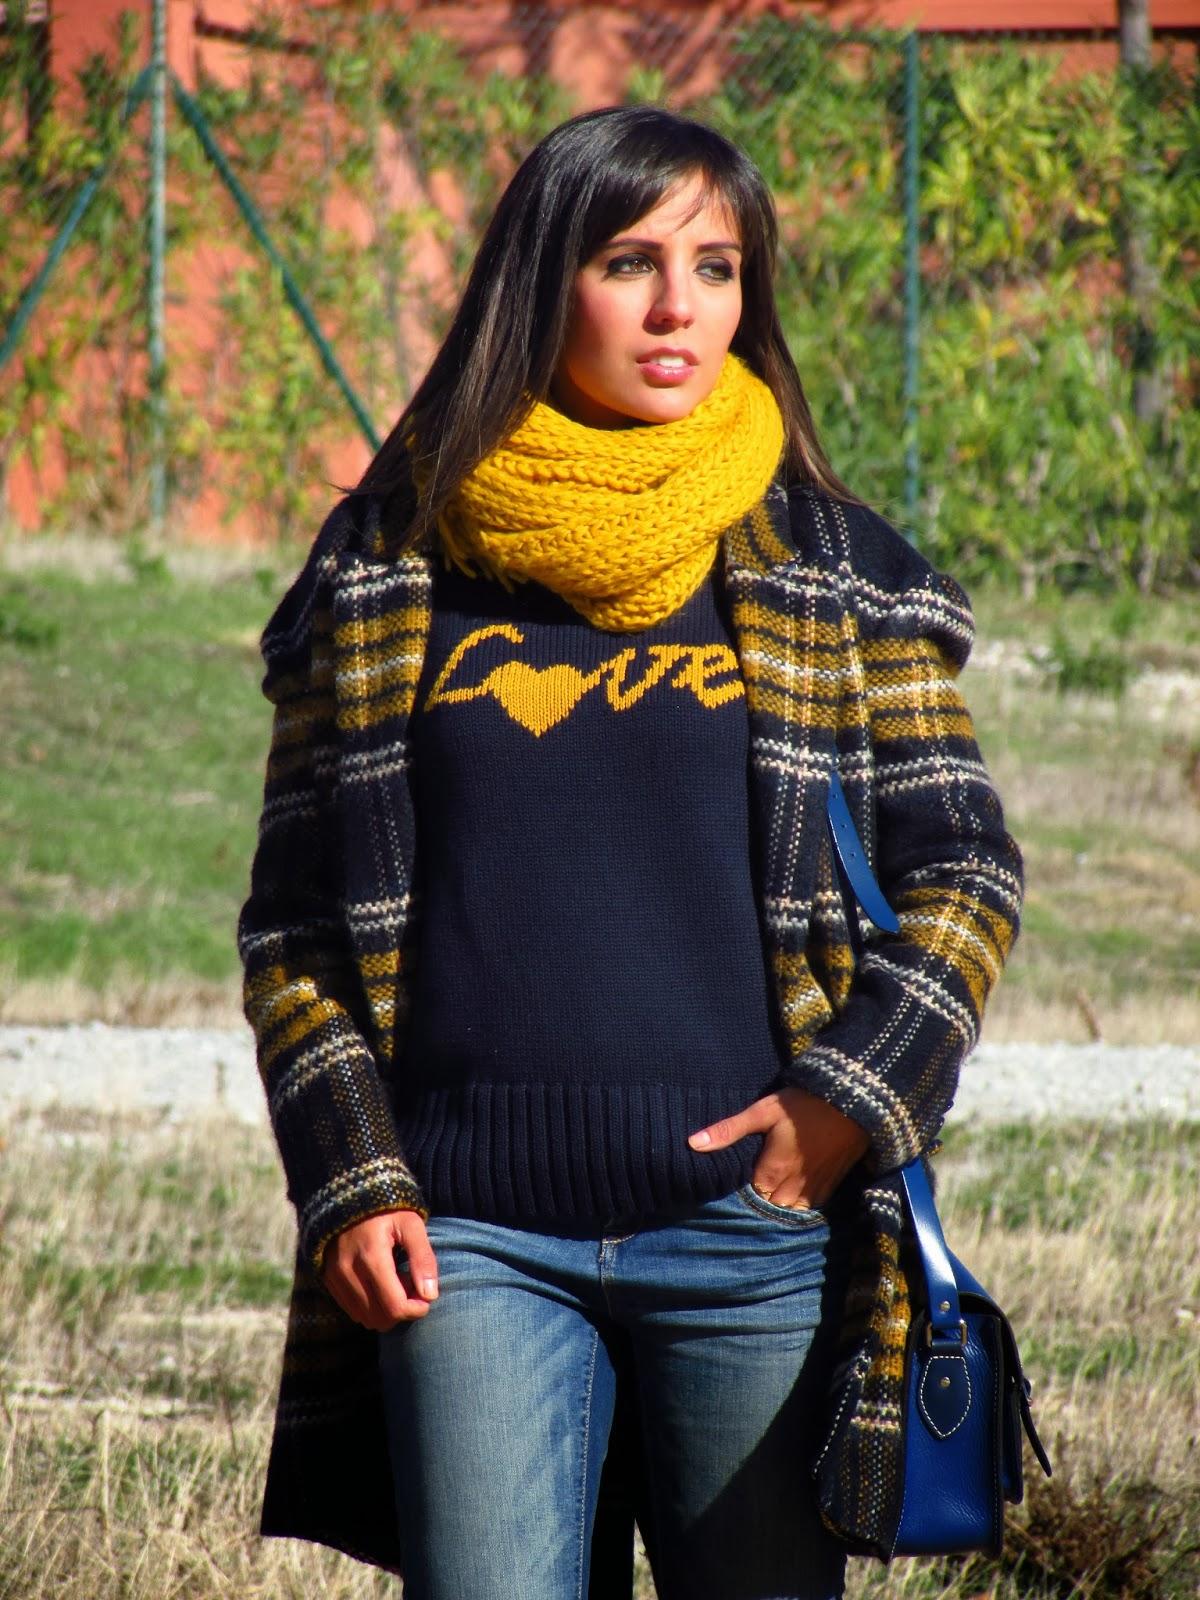 tartan cristina style fashion blogger malagueña inspiration tendencias moda blog look outfit ootd magazin malaga españa